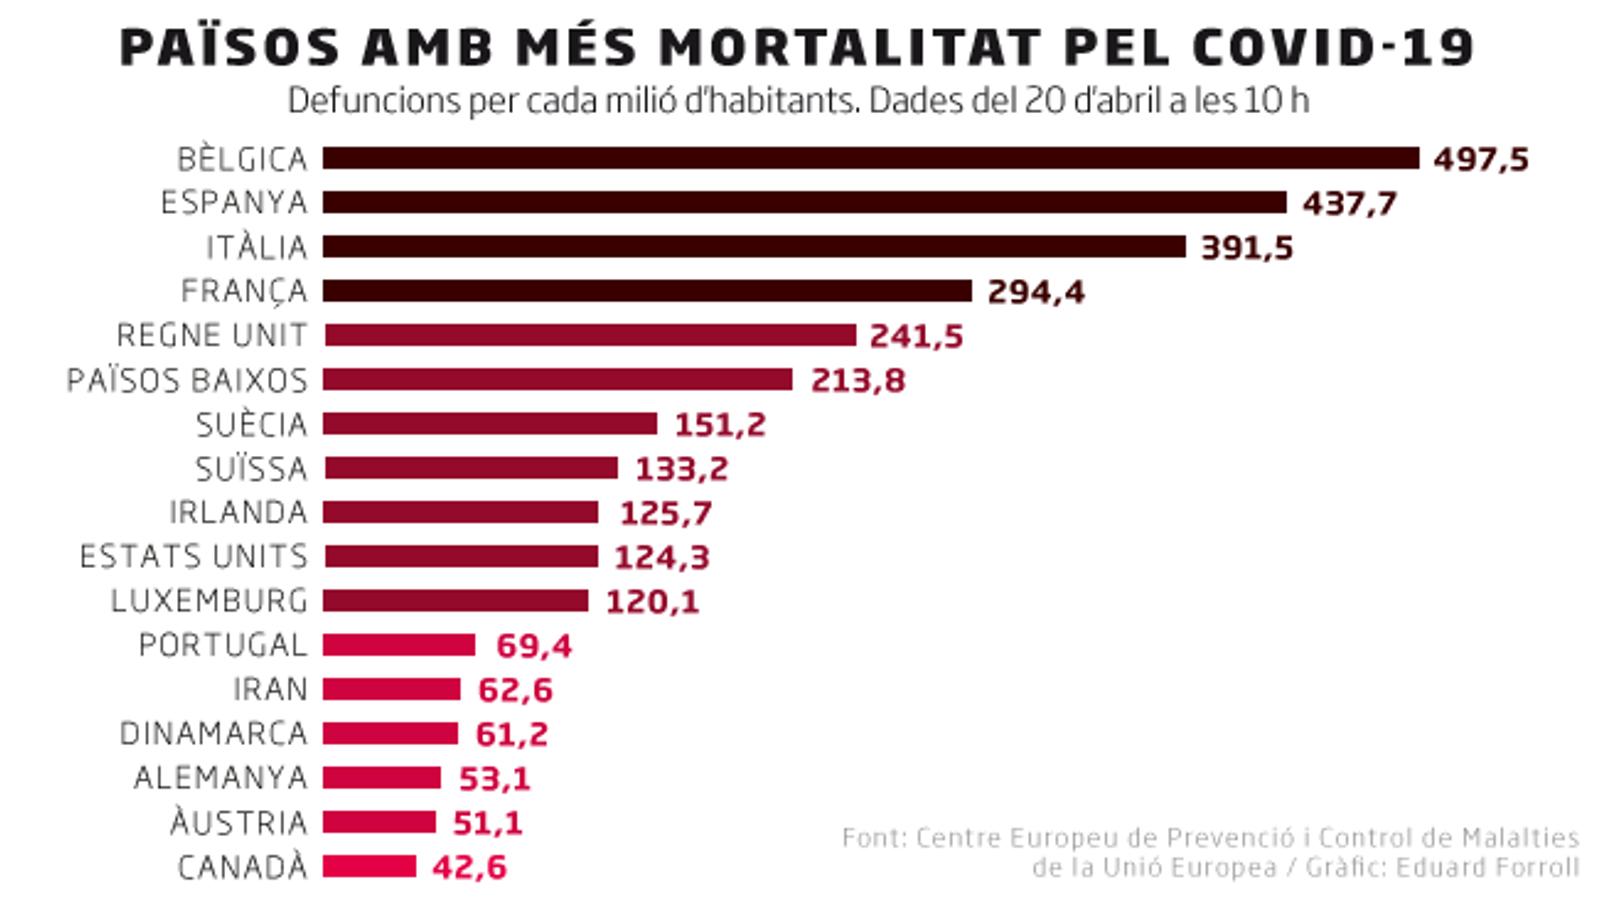 Bèlgica i Espanya són els països amb més víctimes per nombre d'habitants